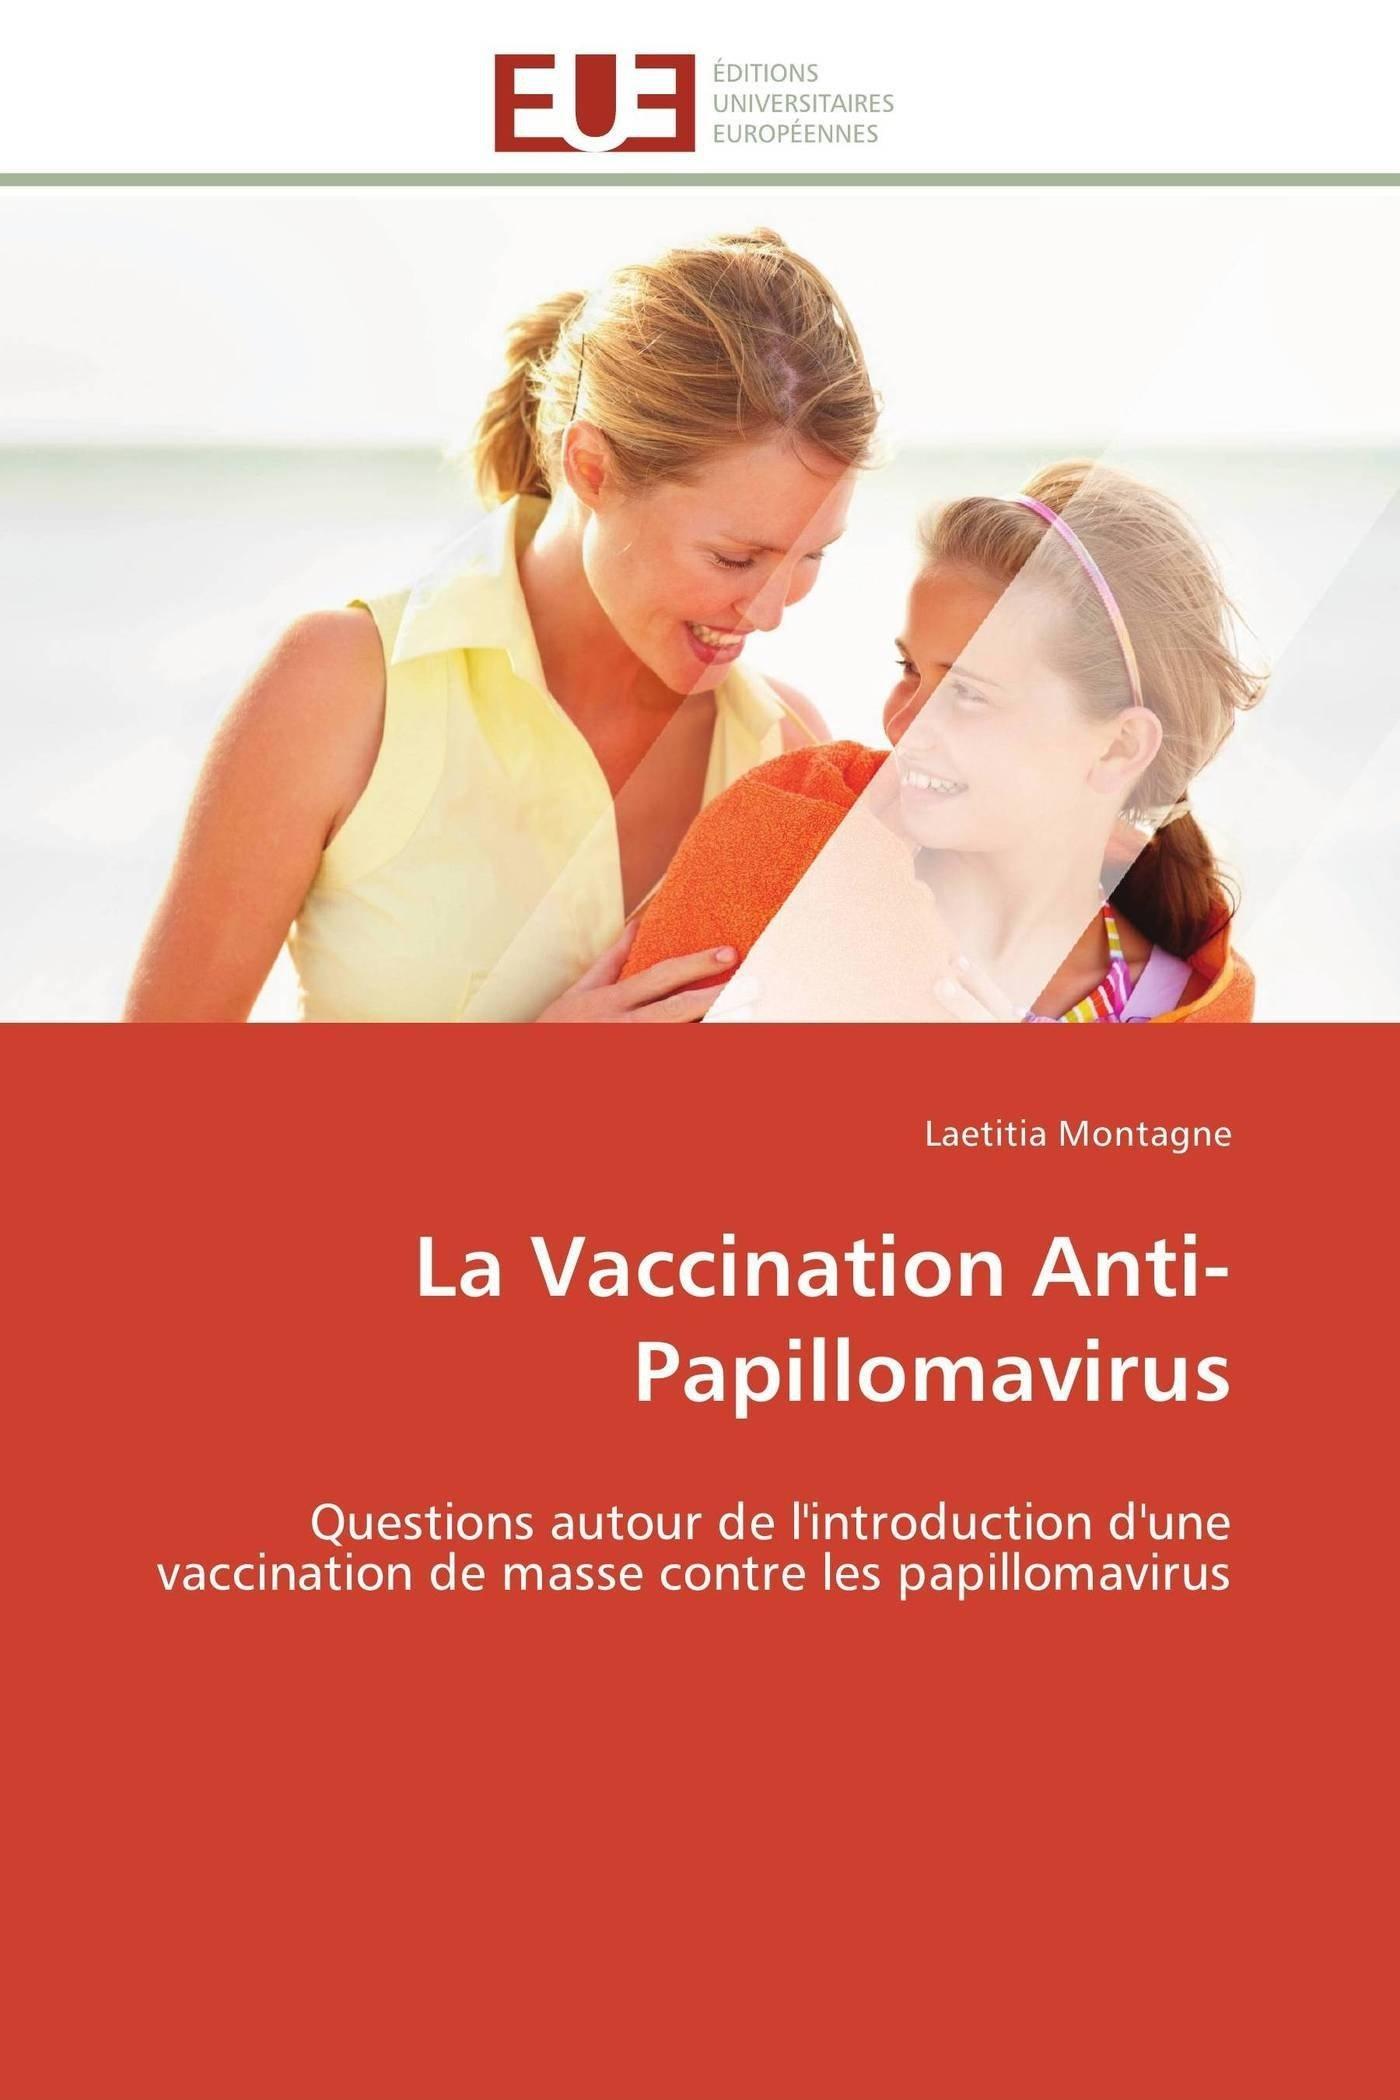 papillomavirus vaccin polemique)